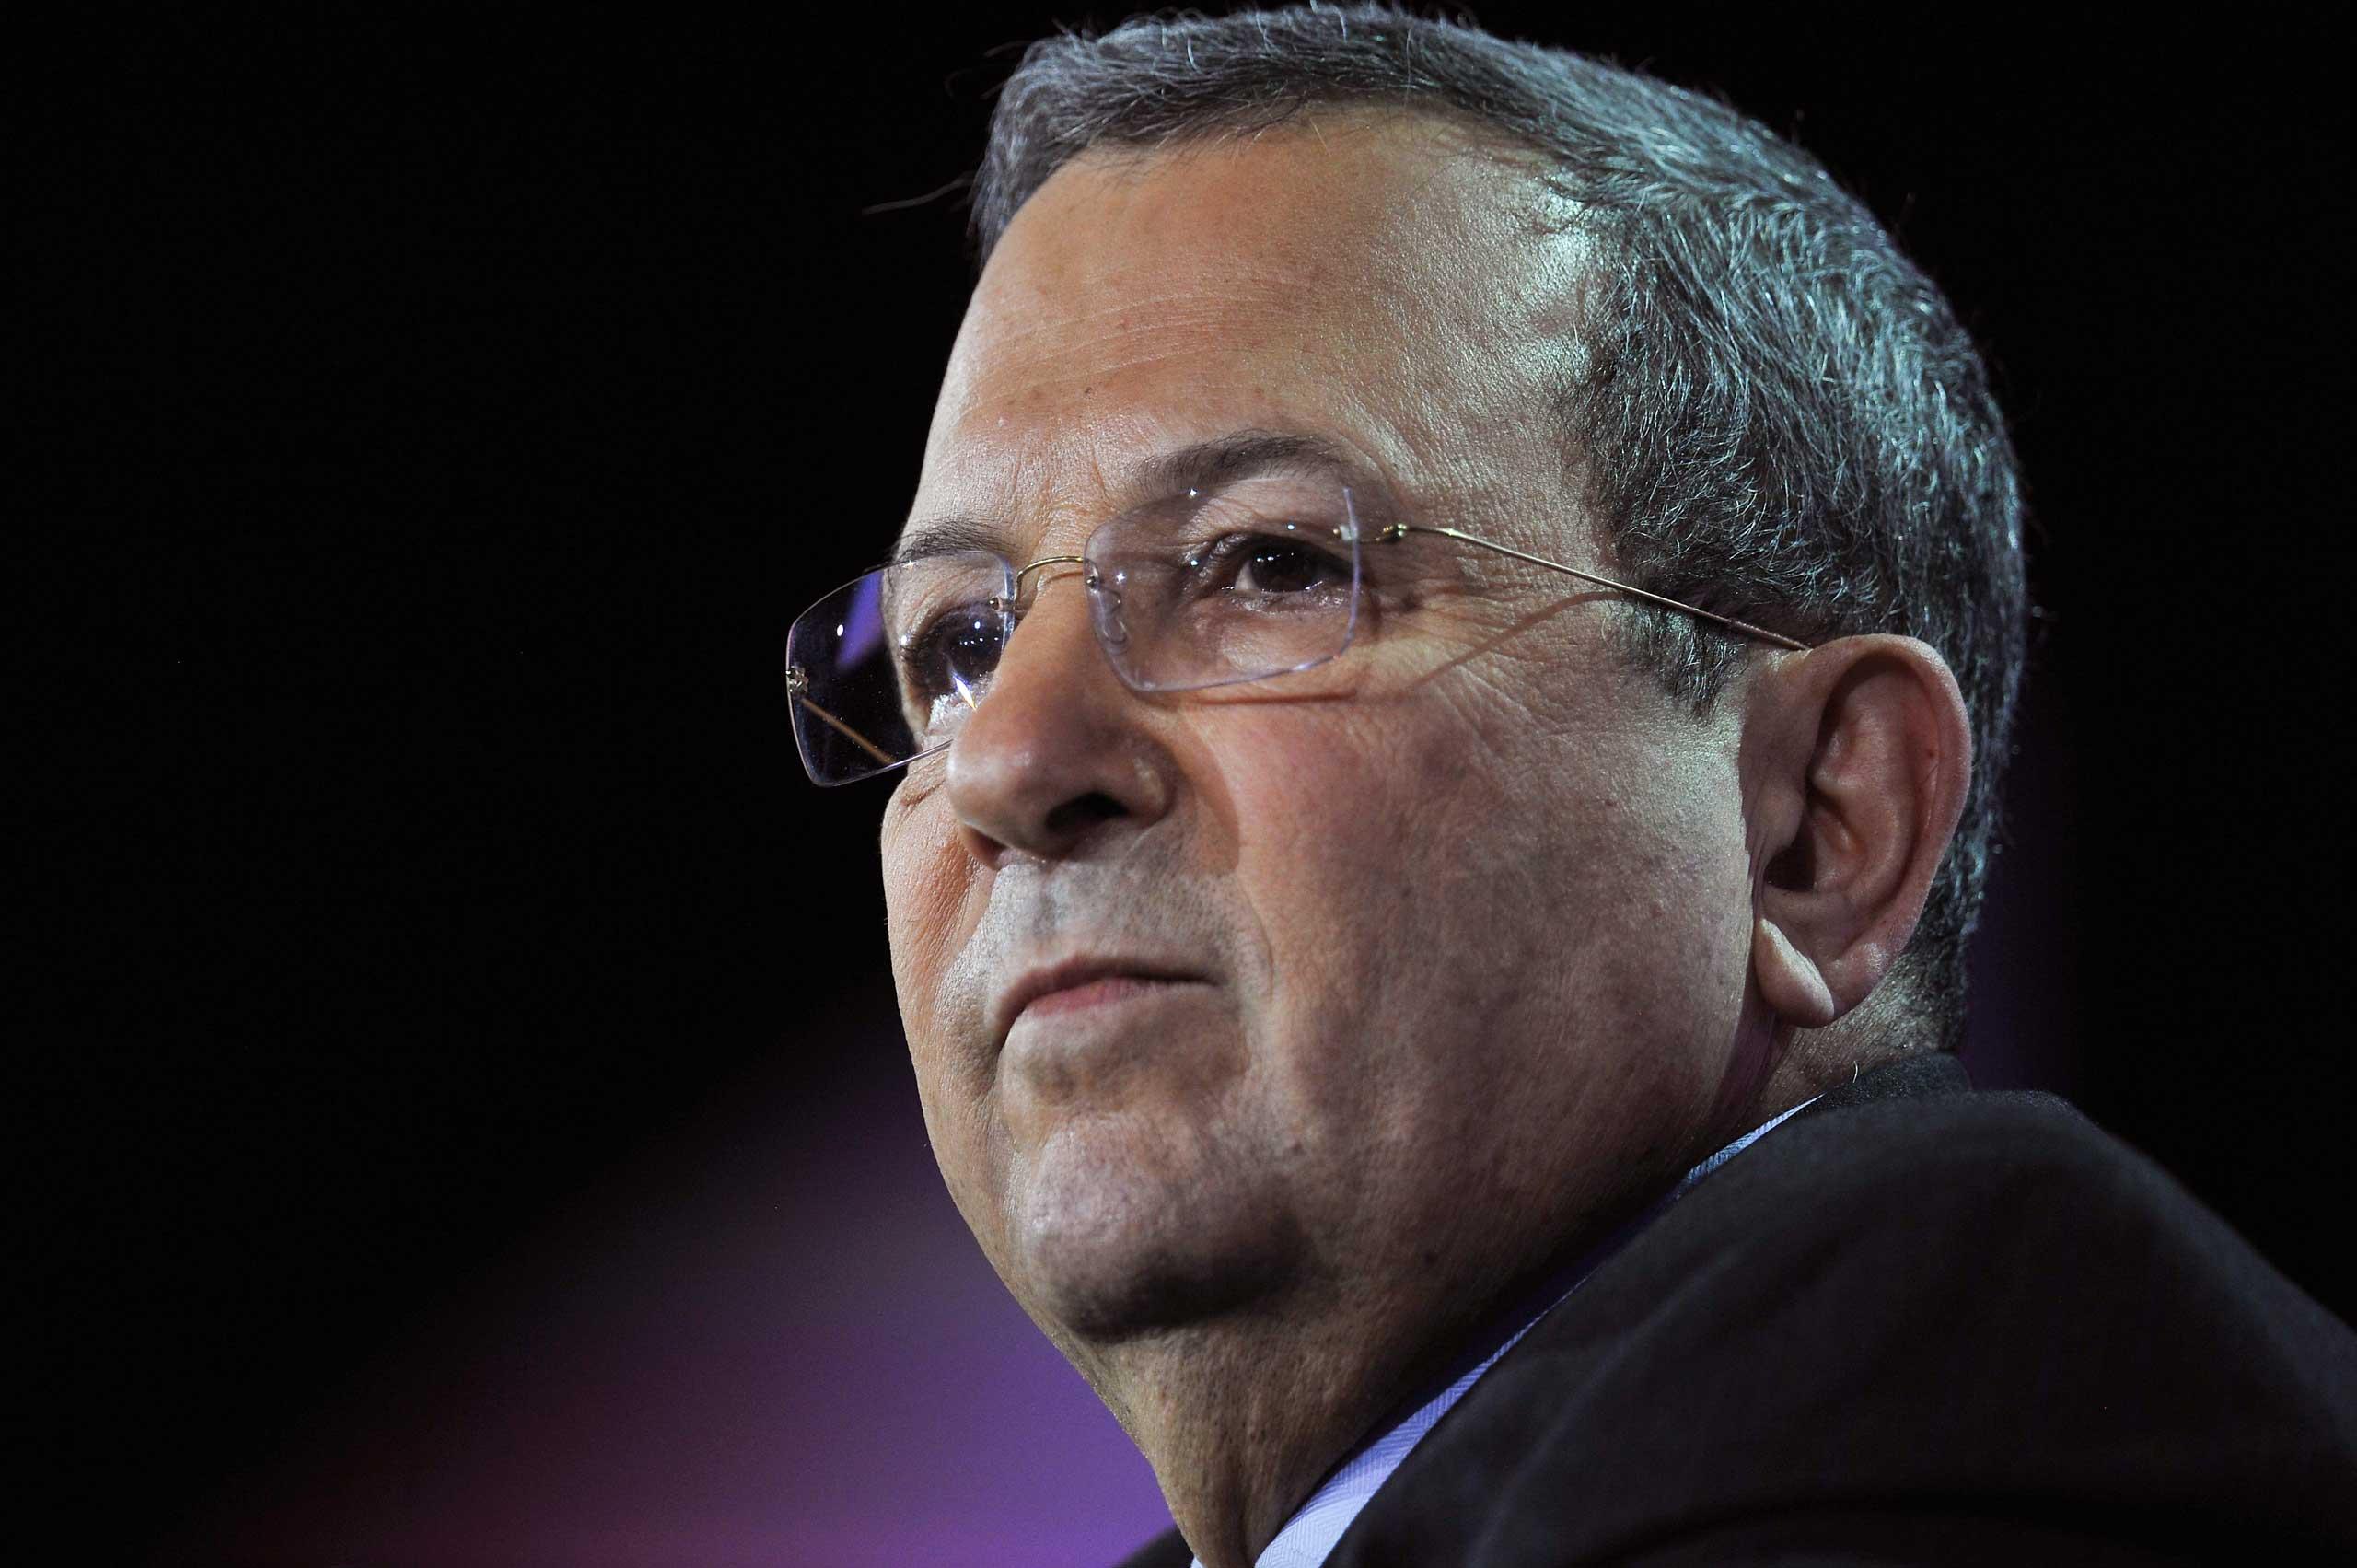 Former Israeli Defense Minister Ehud Barak.